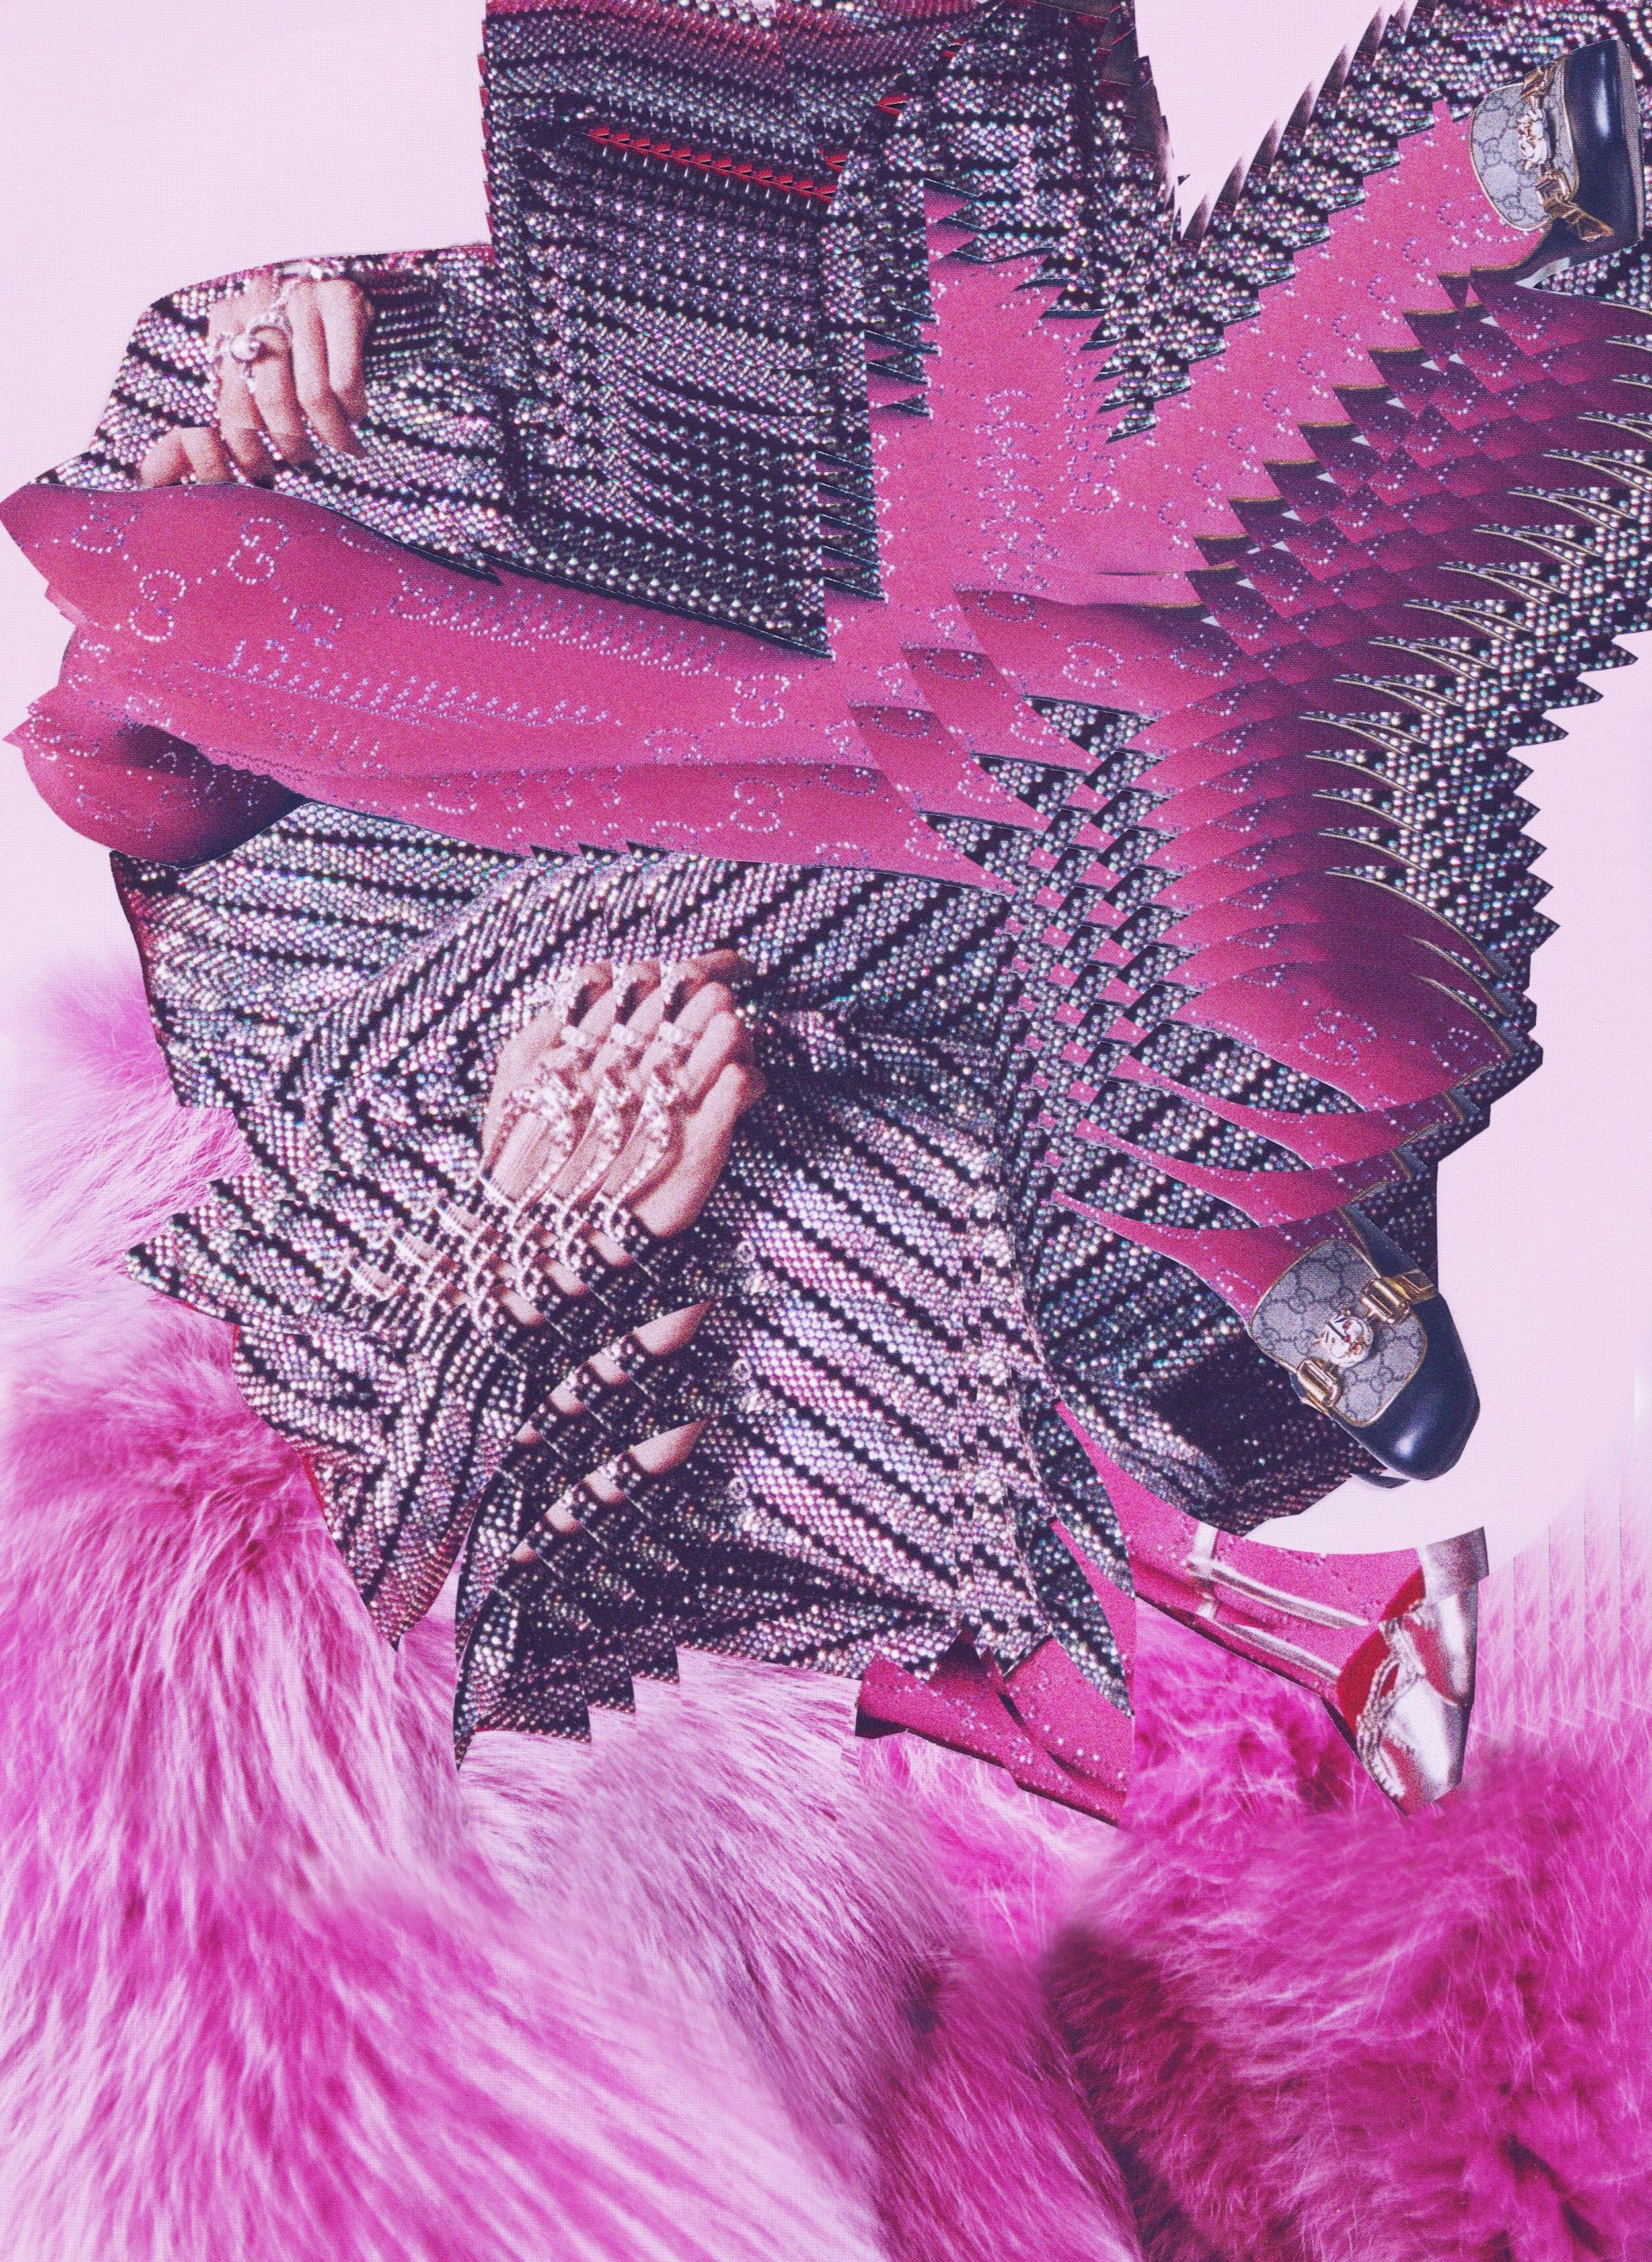 Pinkting.jpg